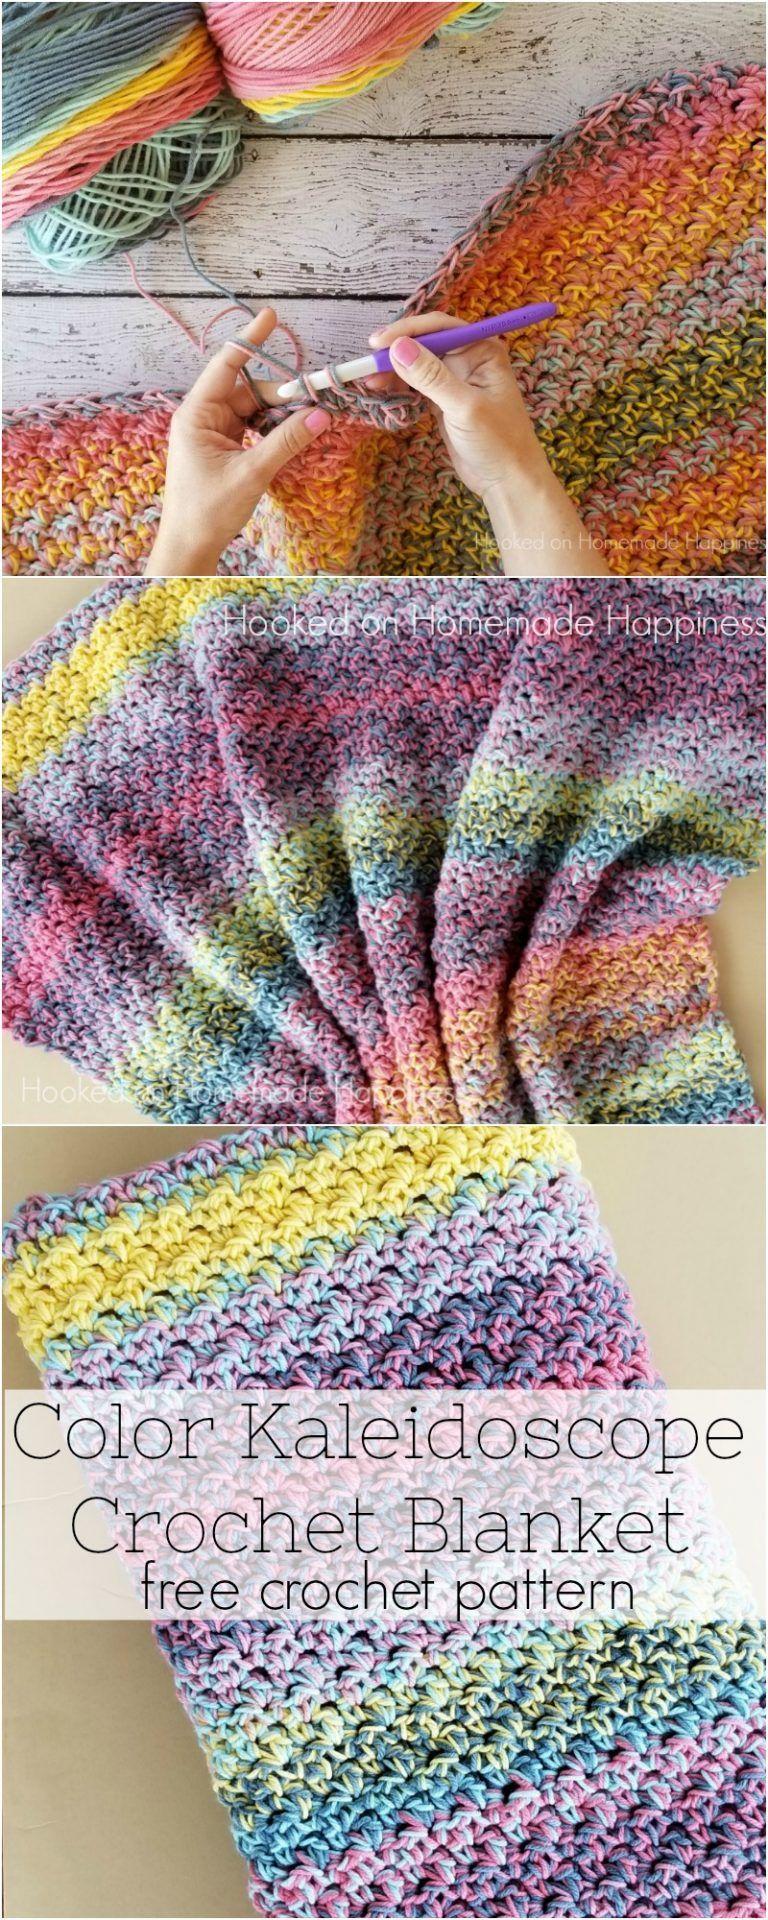 Color Kaleidoscope Crochet Blanket Pattern | Häkeln, Decken und Stricken